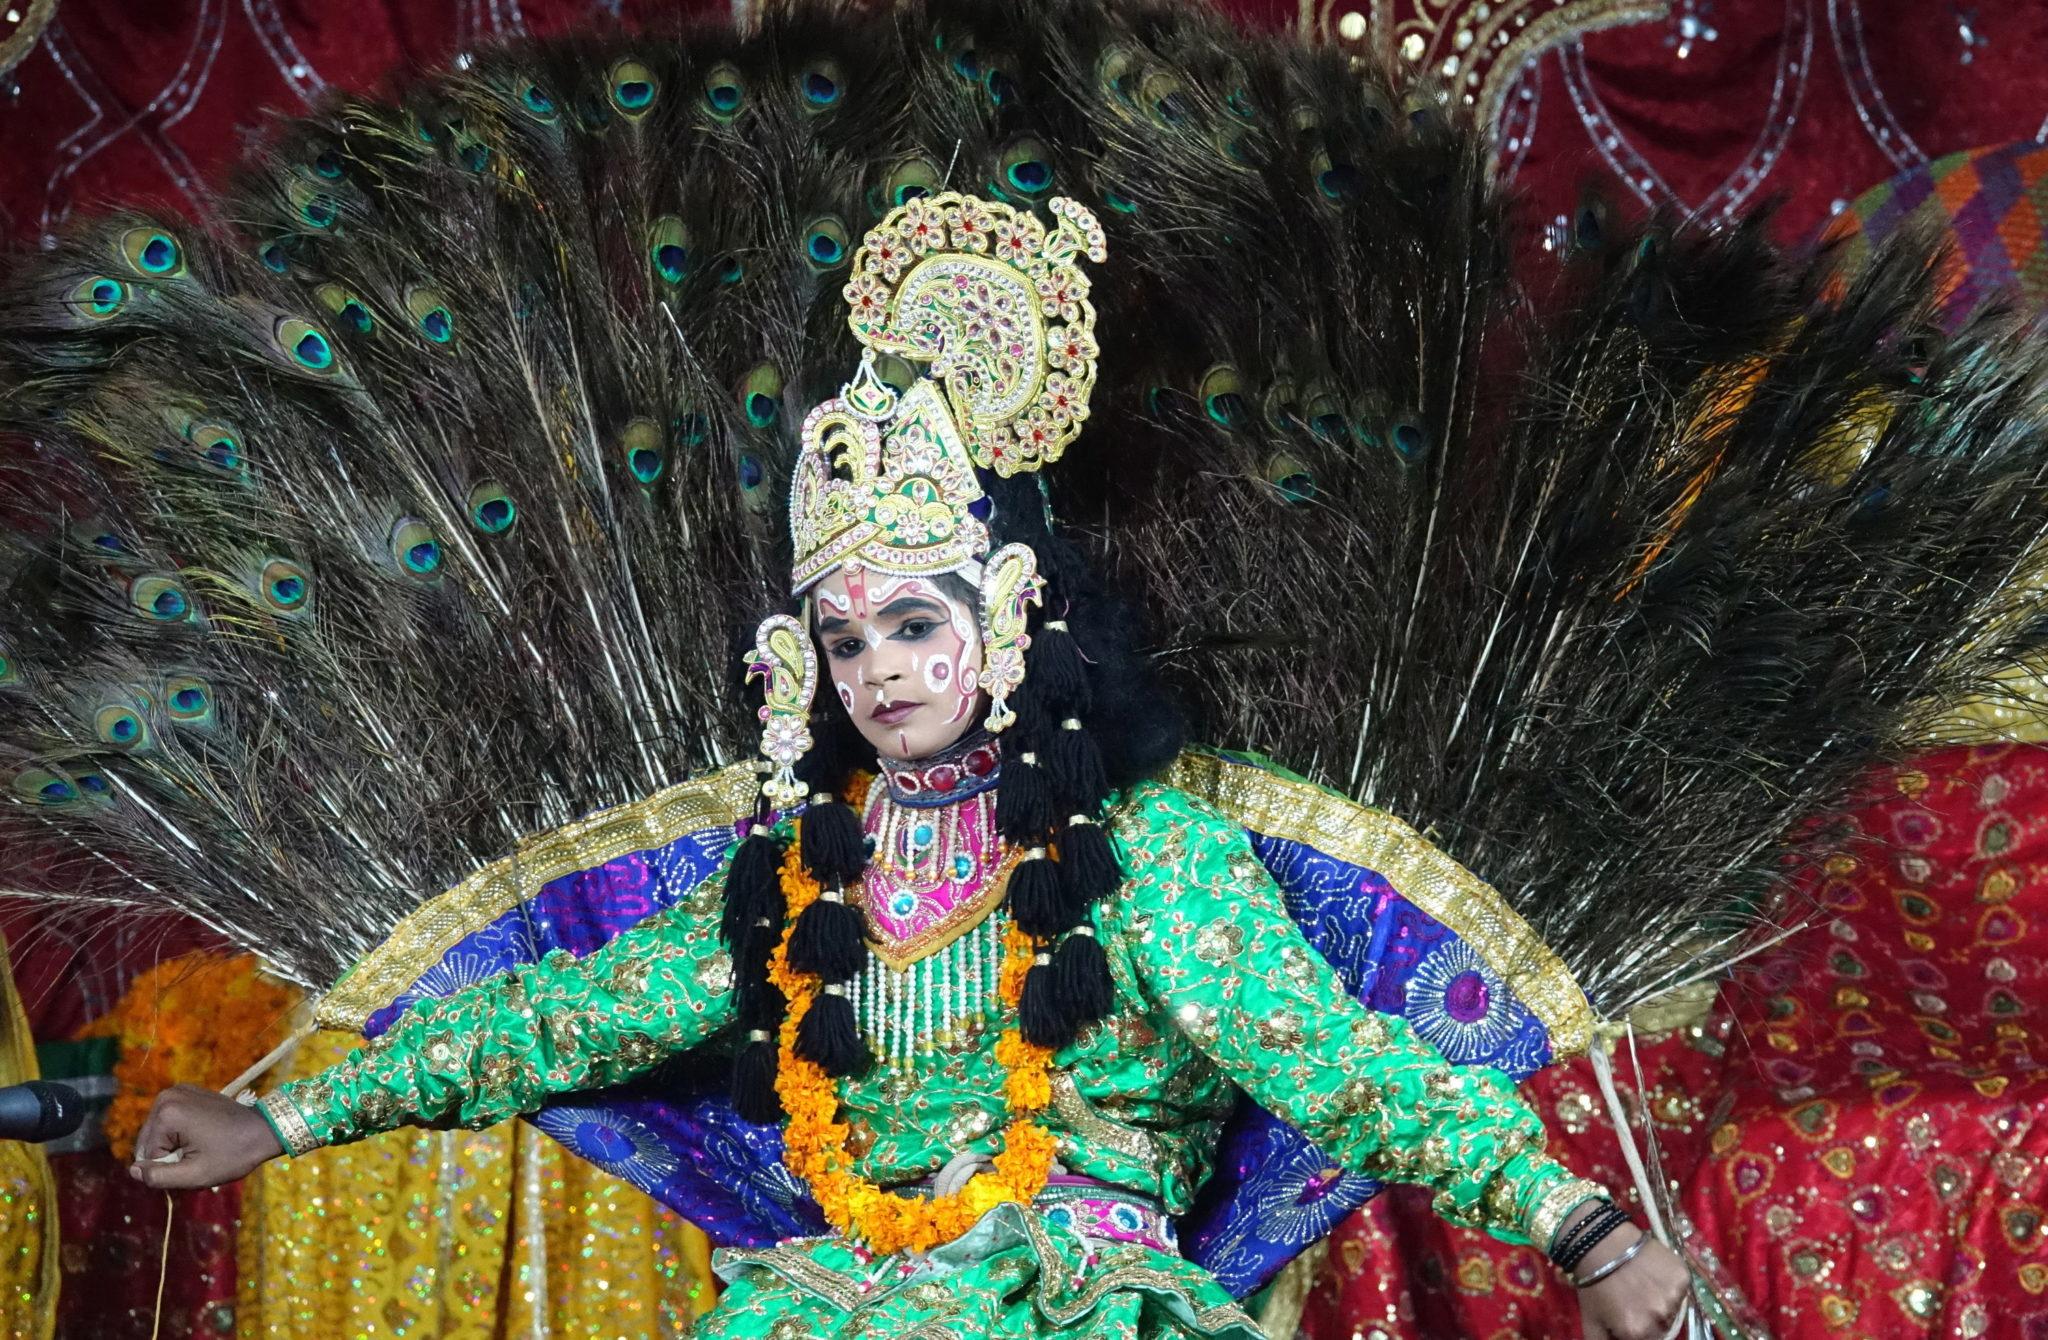 Indie: dziewczynka w stroju imitującym Krysznę występuje podczas uroczystości z okazji Janmasztami, hinduskiego święta narodzin tego bóstwa. Uroczystości odbywają się min. w świątyni Radha Kryszna w Baba Baroh. Fot. SANJAY BAID/EPA